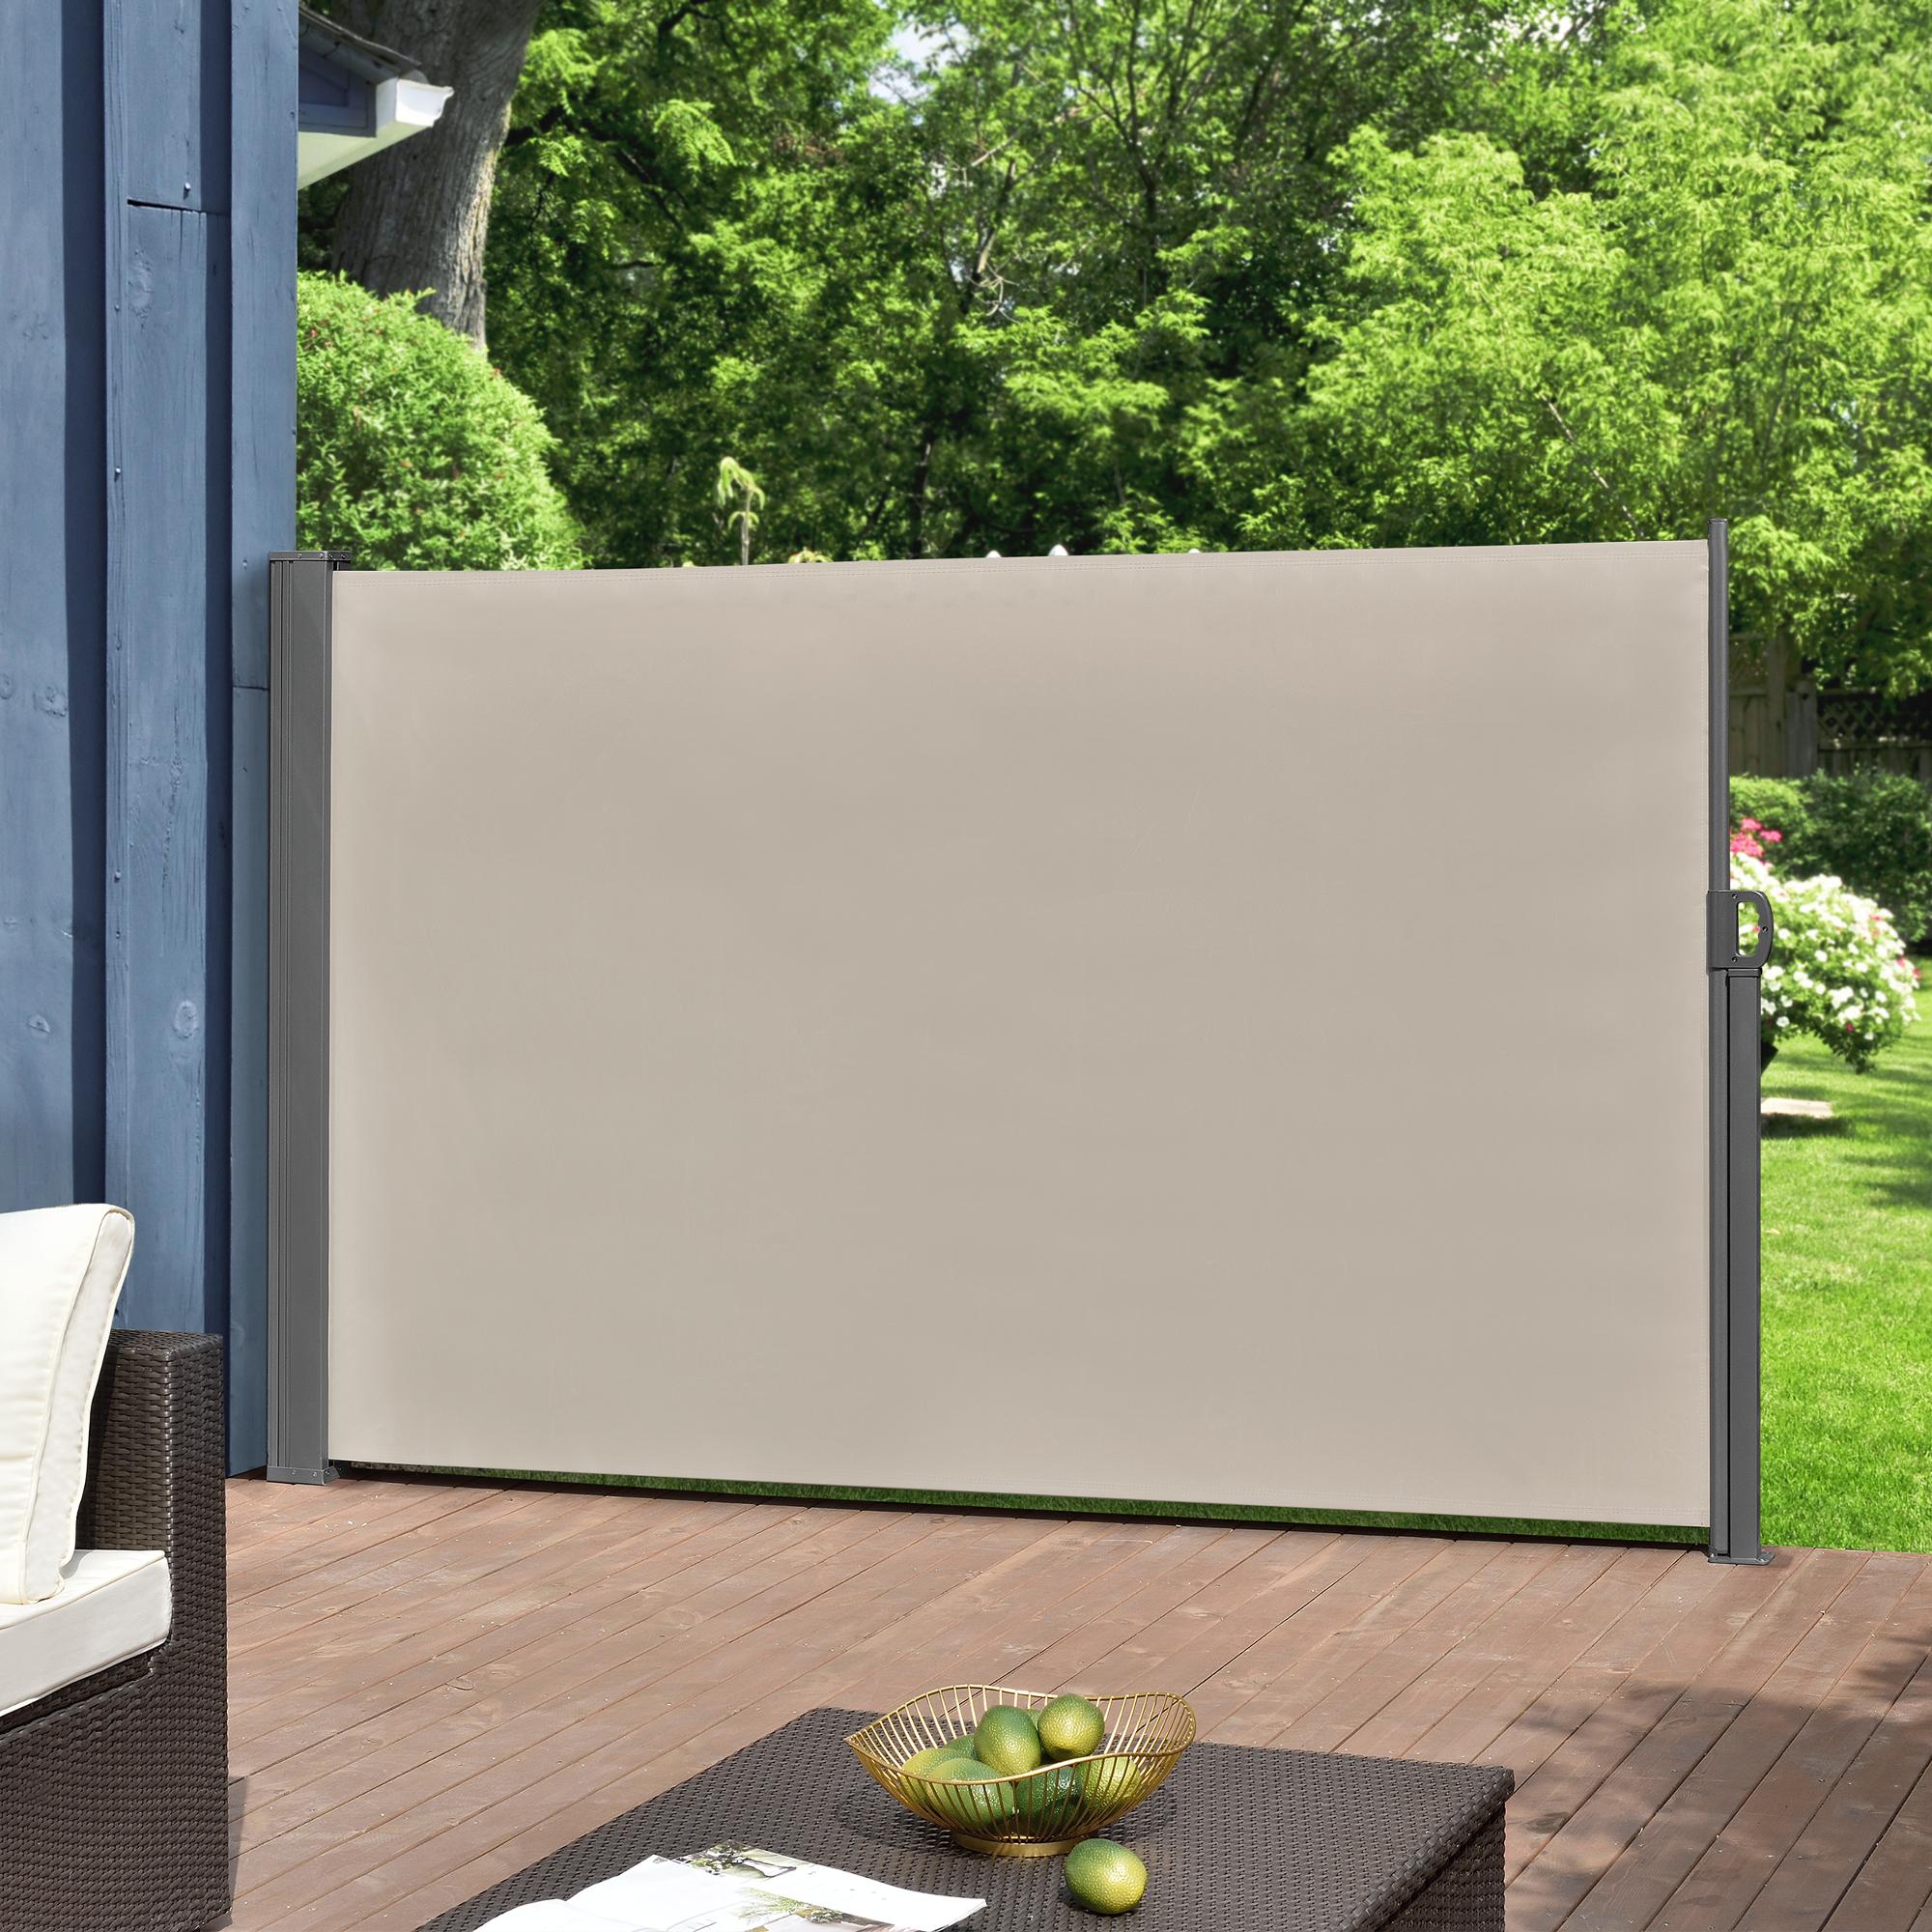 seitenmarkise sichtschutz seitenwand markise sonnenschutz windschutz ebay. Black Bedroom Furniture Sets. Home Design Ideas